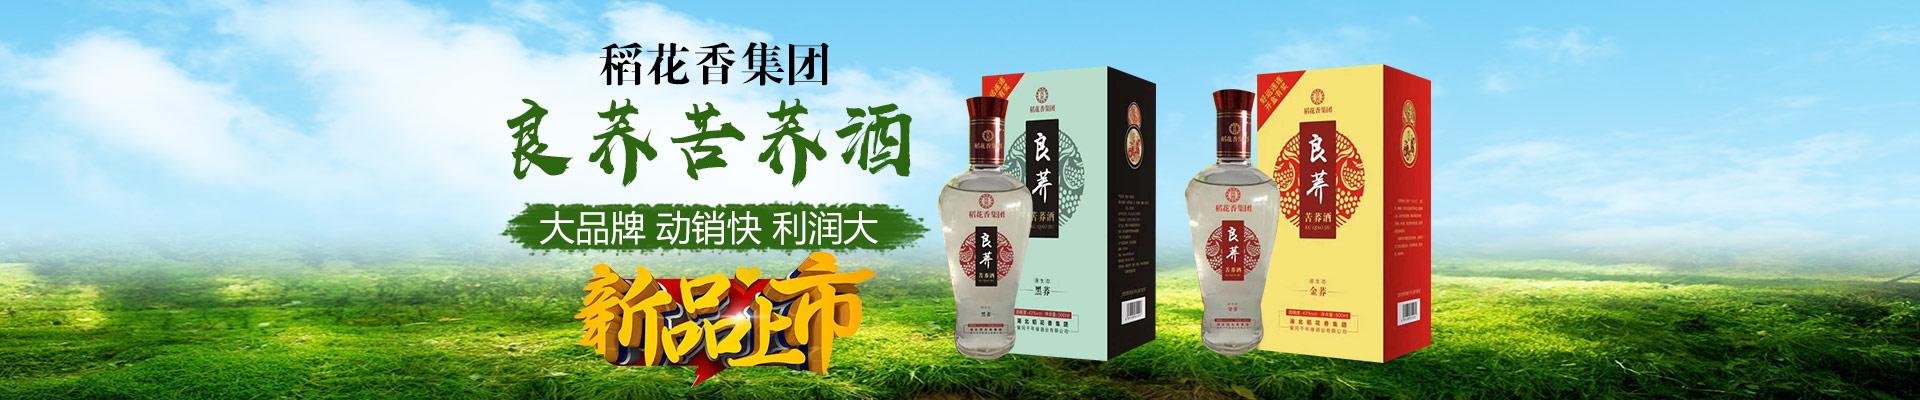 毛辅酒业(黄冈)股份有限公司